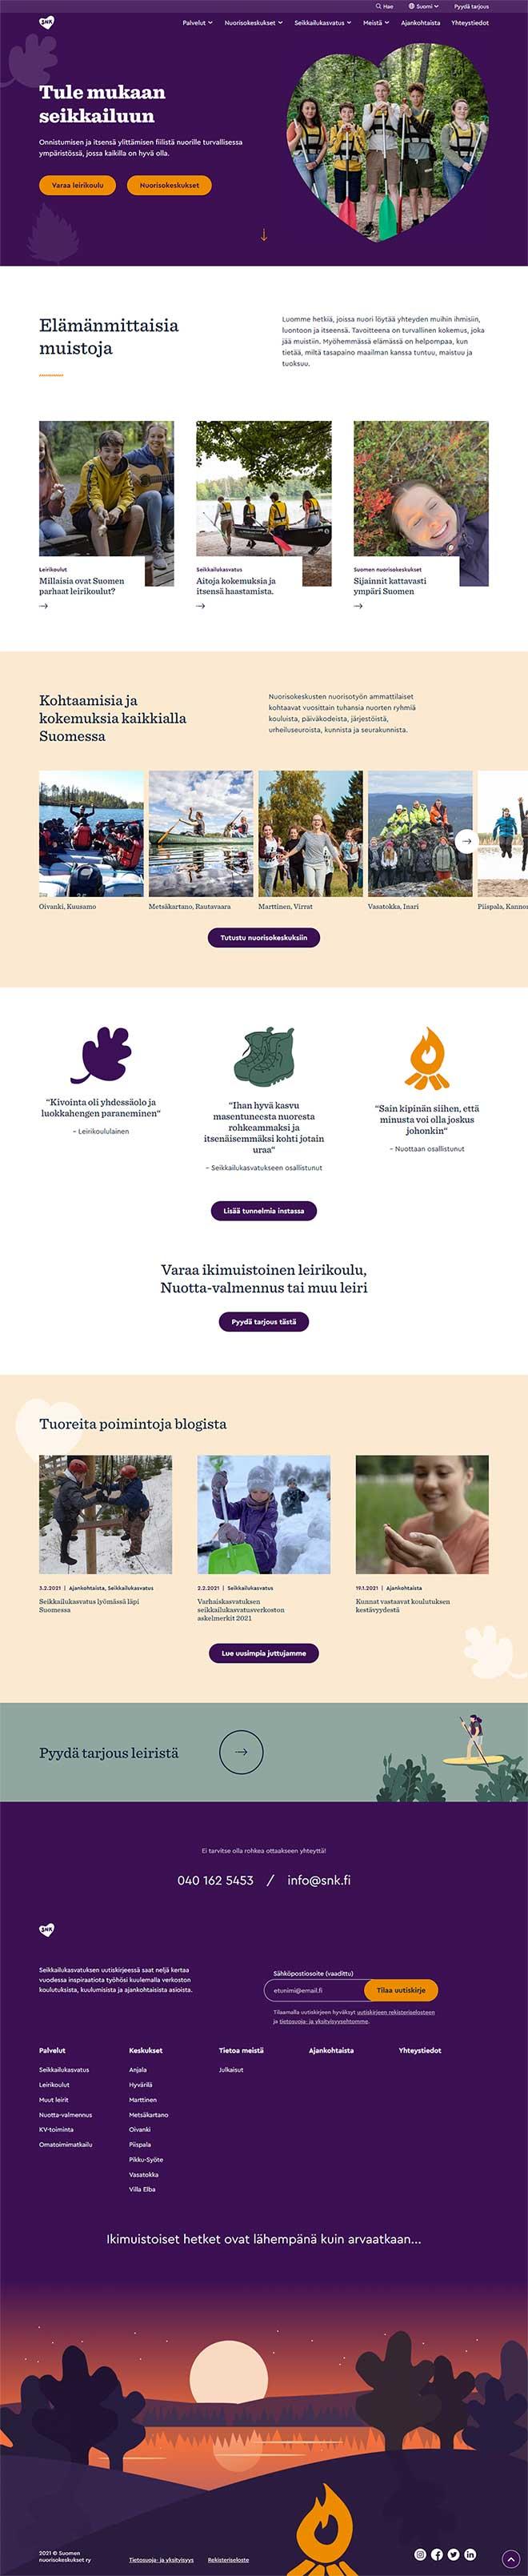 Suomen nuorisokeskukset verkkosivut desktop leiska